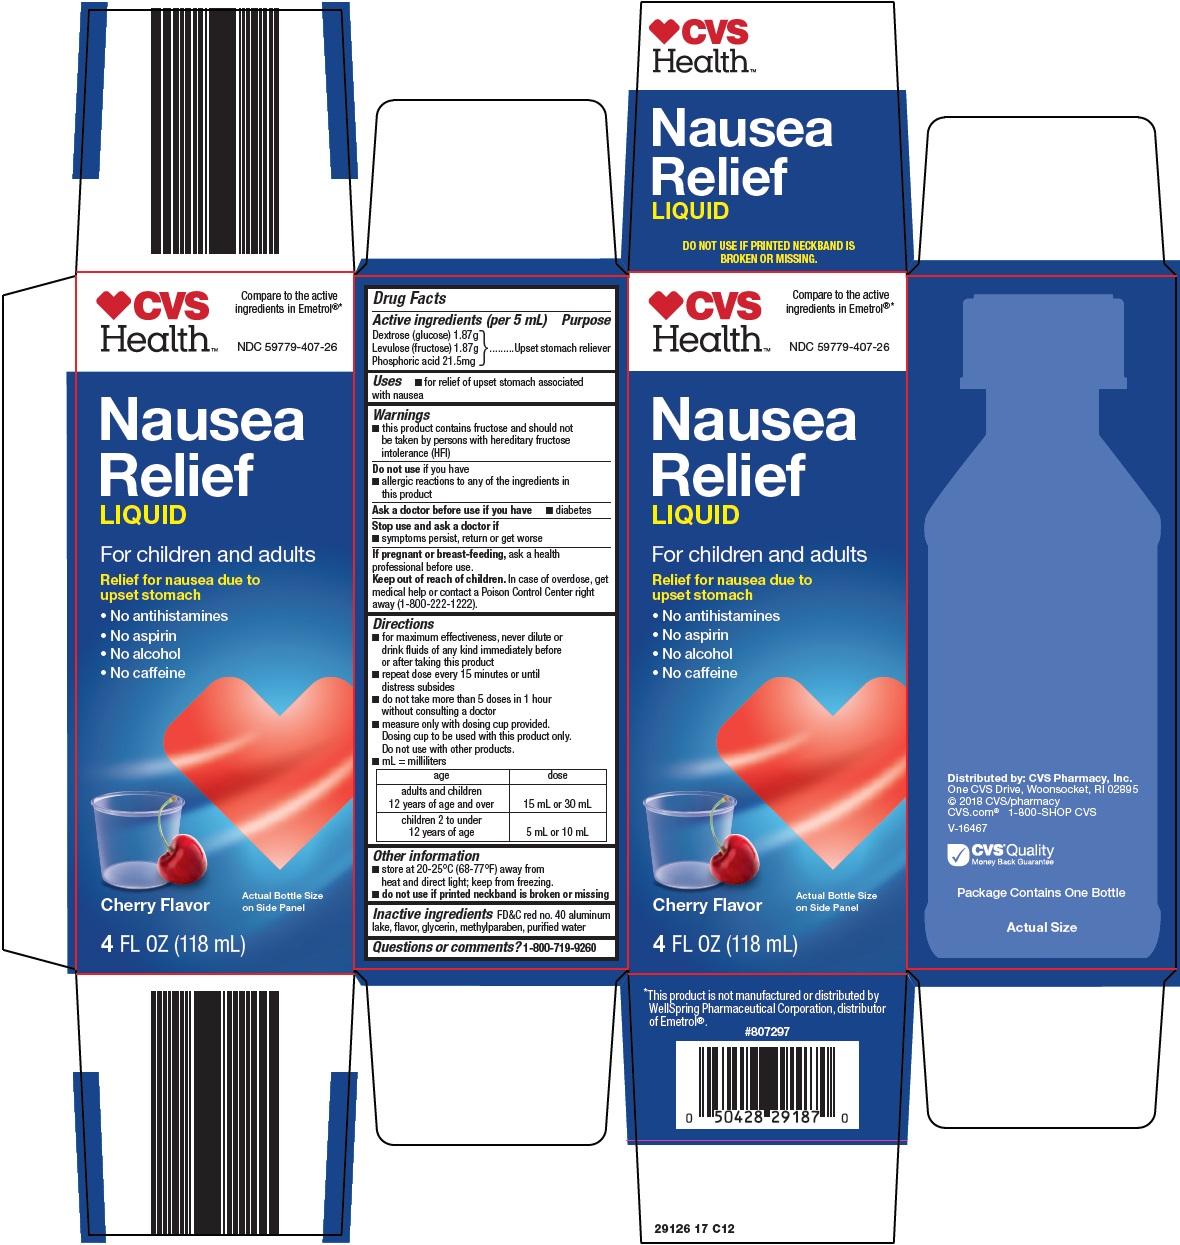 291-17-nausea-relief.jpg